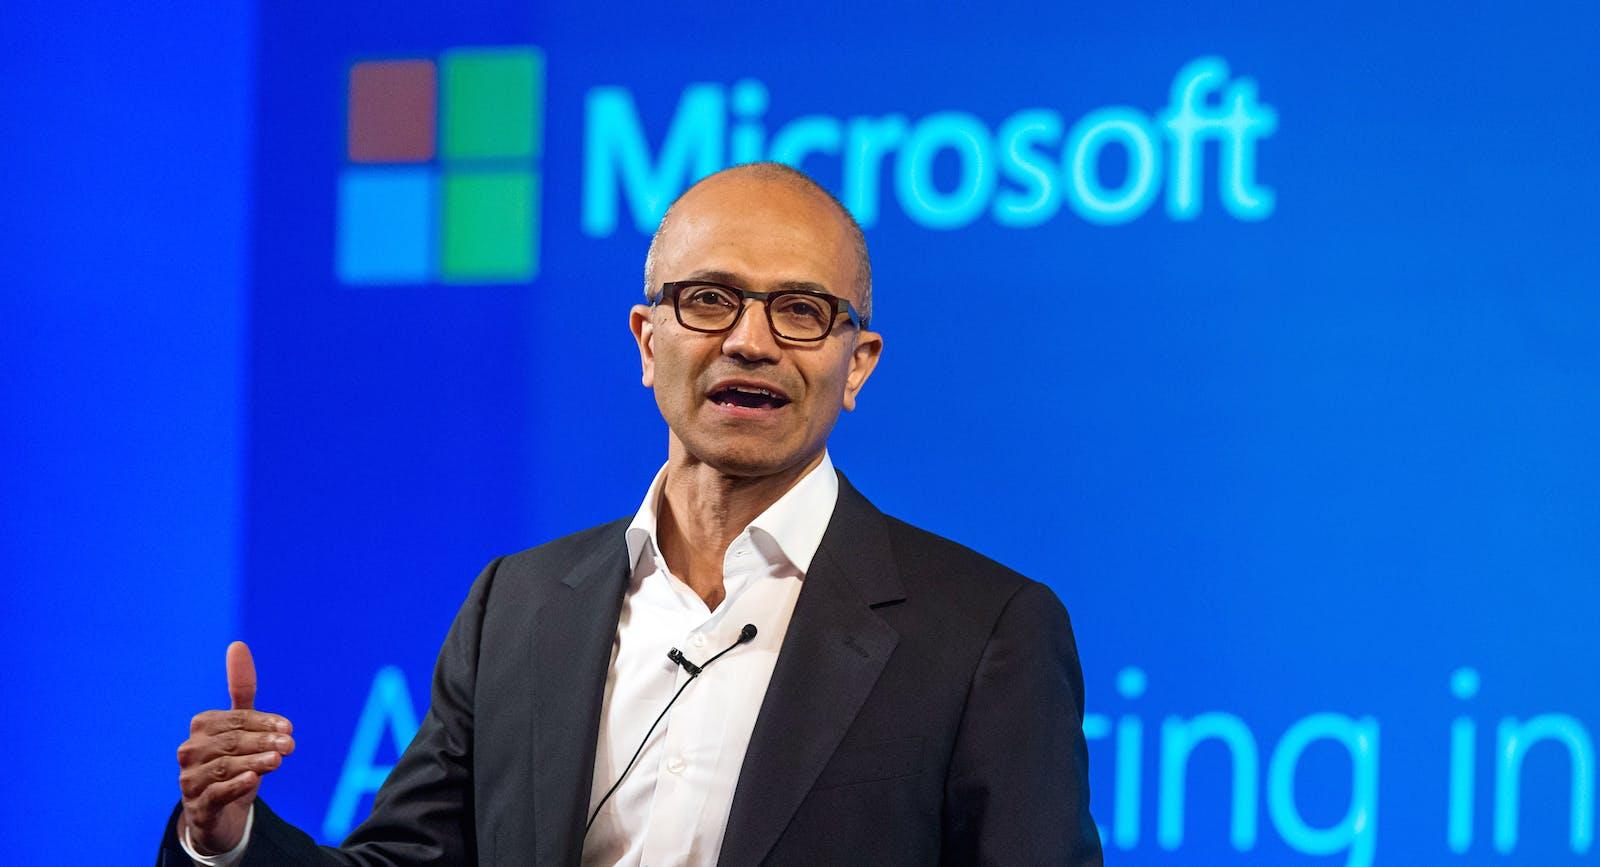 Microsoft CEO Satya Nadella. Photo by Bloomberg.